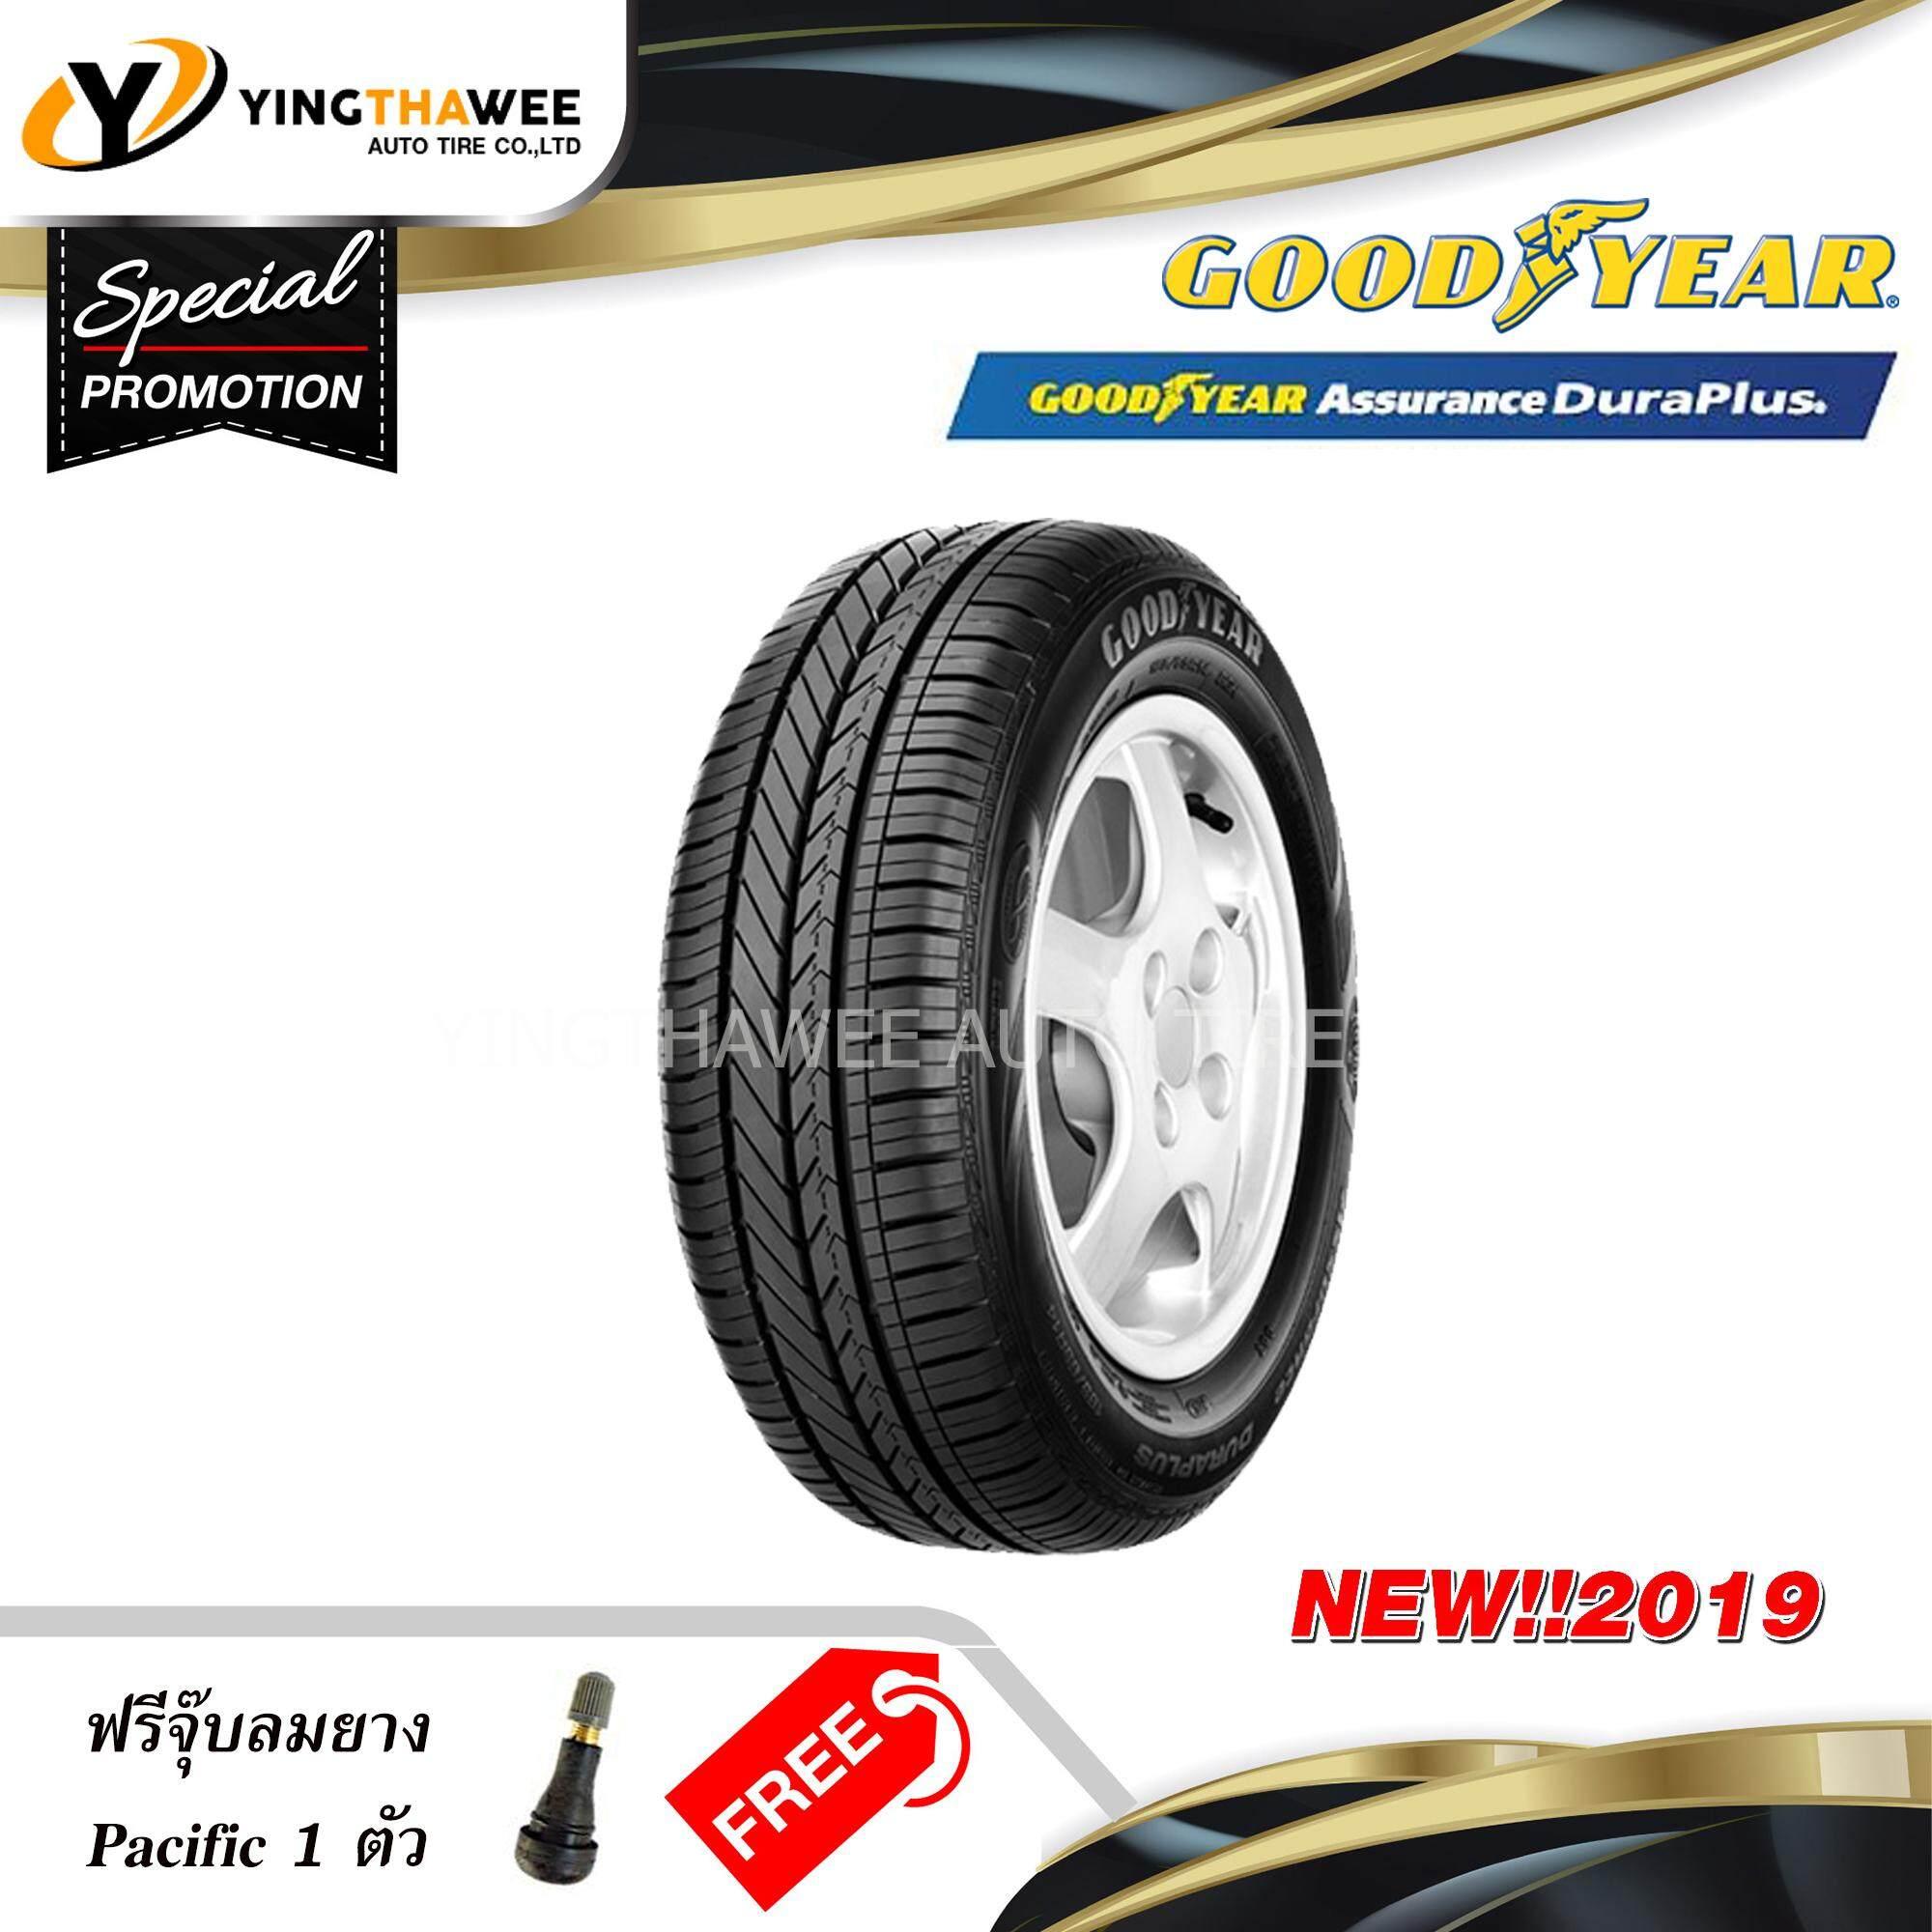 ประกันภัย รถยนต์ 3 พลัส ราคา ถูก นครราชสีมา GOODYEAR ยางรถยนต์ 175/50R15 รุ่น Assurance Duraplus  1 เส้น (ปี 2019) แถมจุ๊บลมยางหัวทองเหลือง 1 ตัว